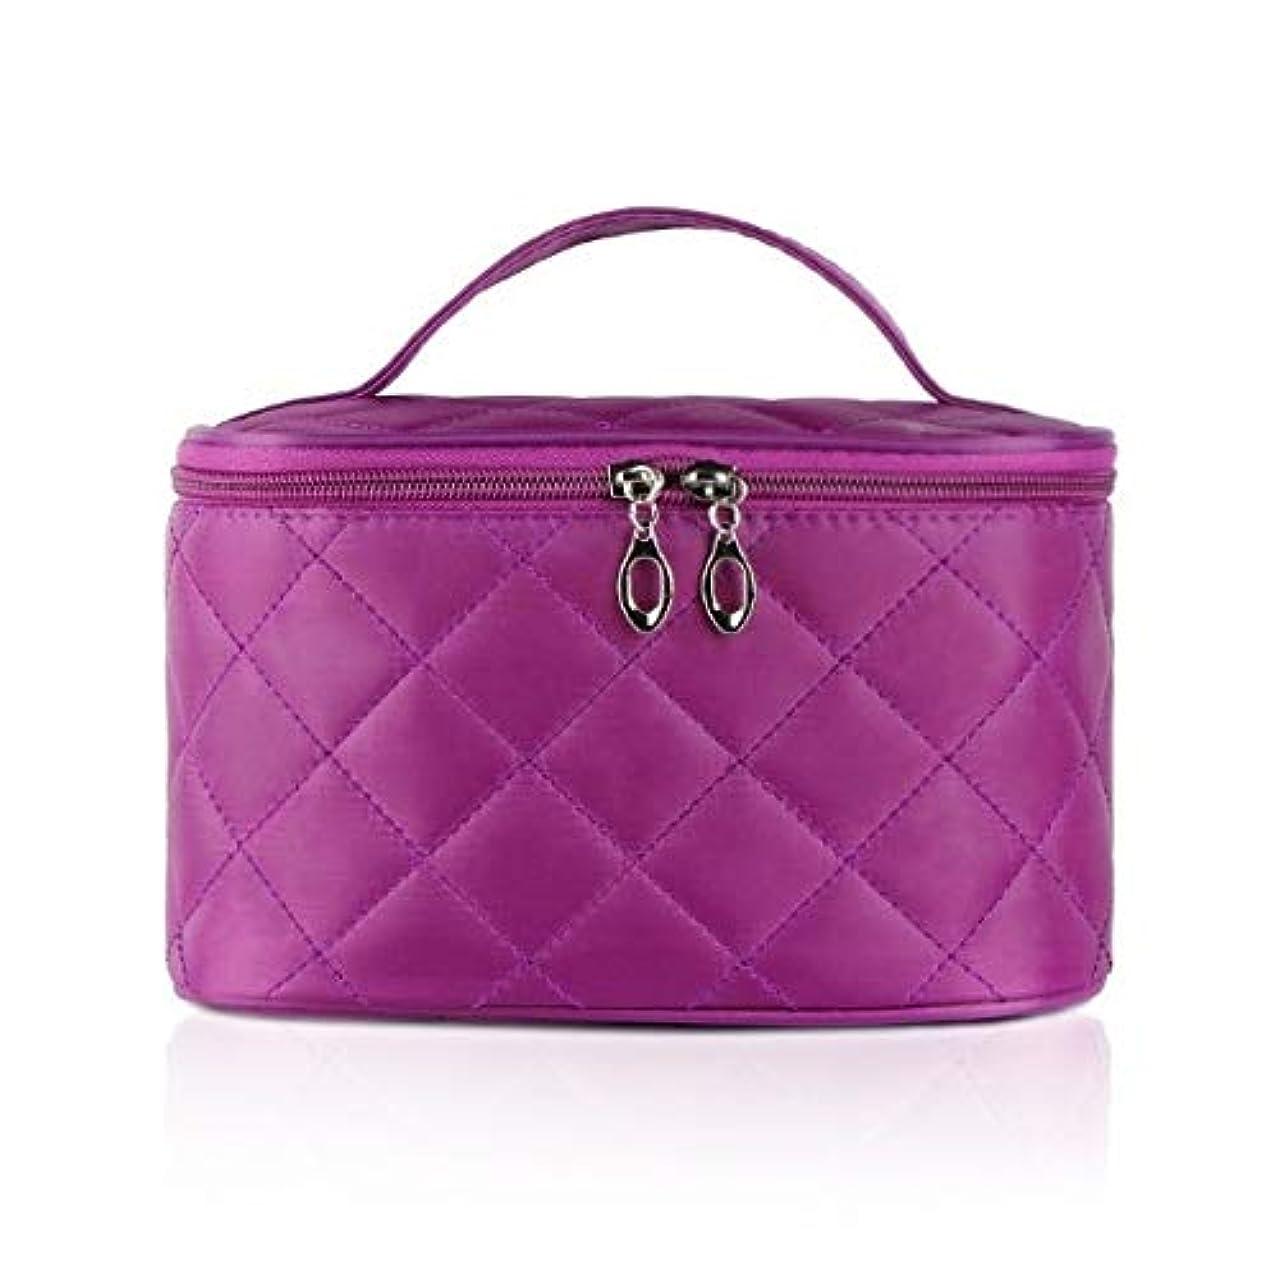 ドキュメンタリー部族ポップ化粧箱、簡単な菱形の正方形の携帯用化粧品袋、携帯用携帯用旅行化粧品の箱、美の釘の宝石類の収納箱 (Color : Purple)